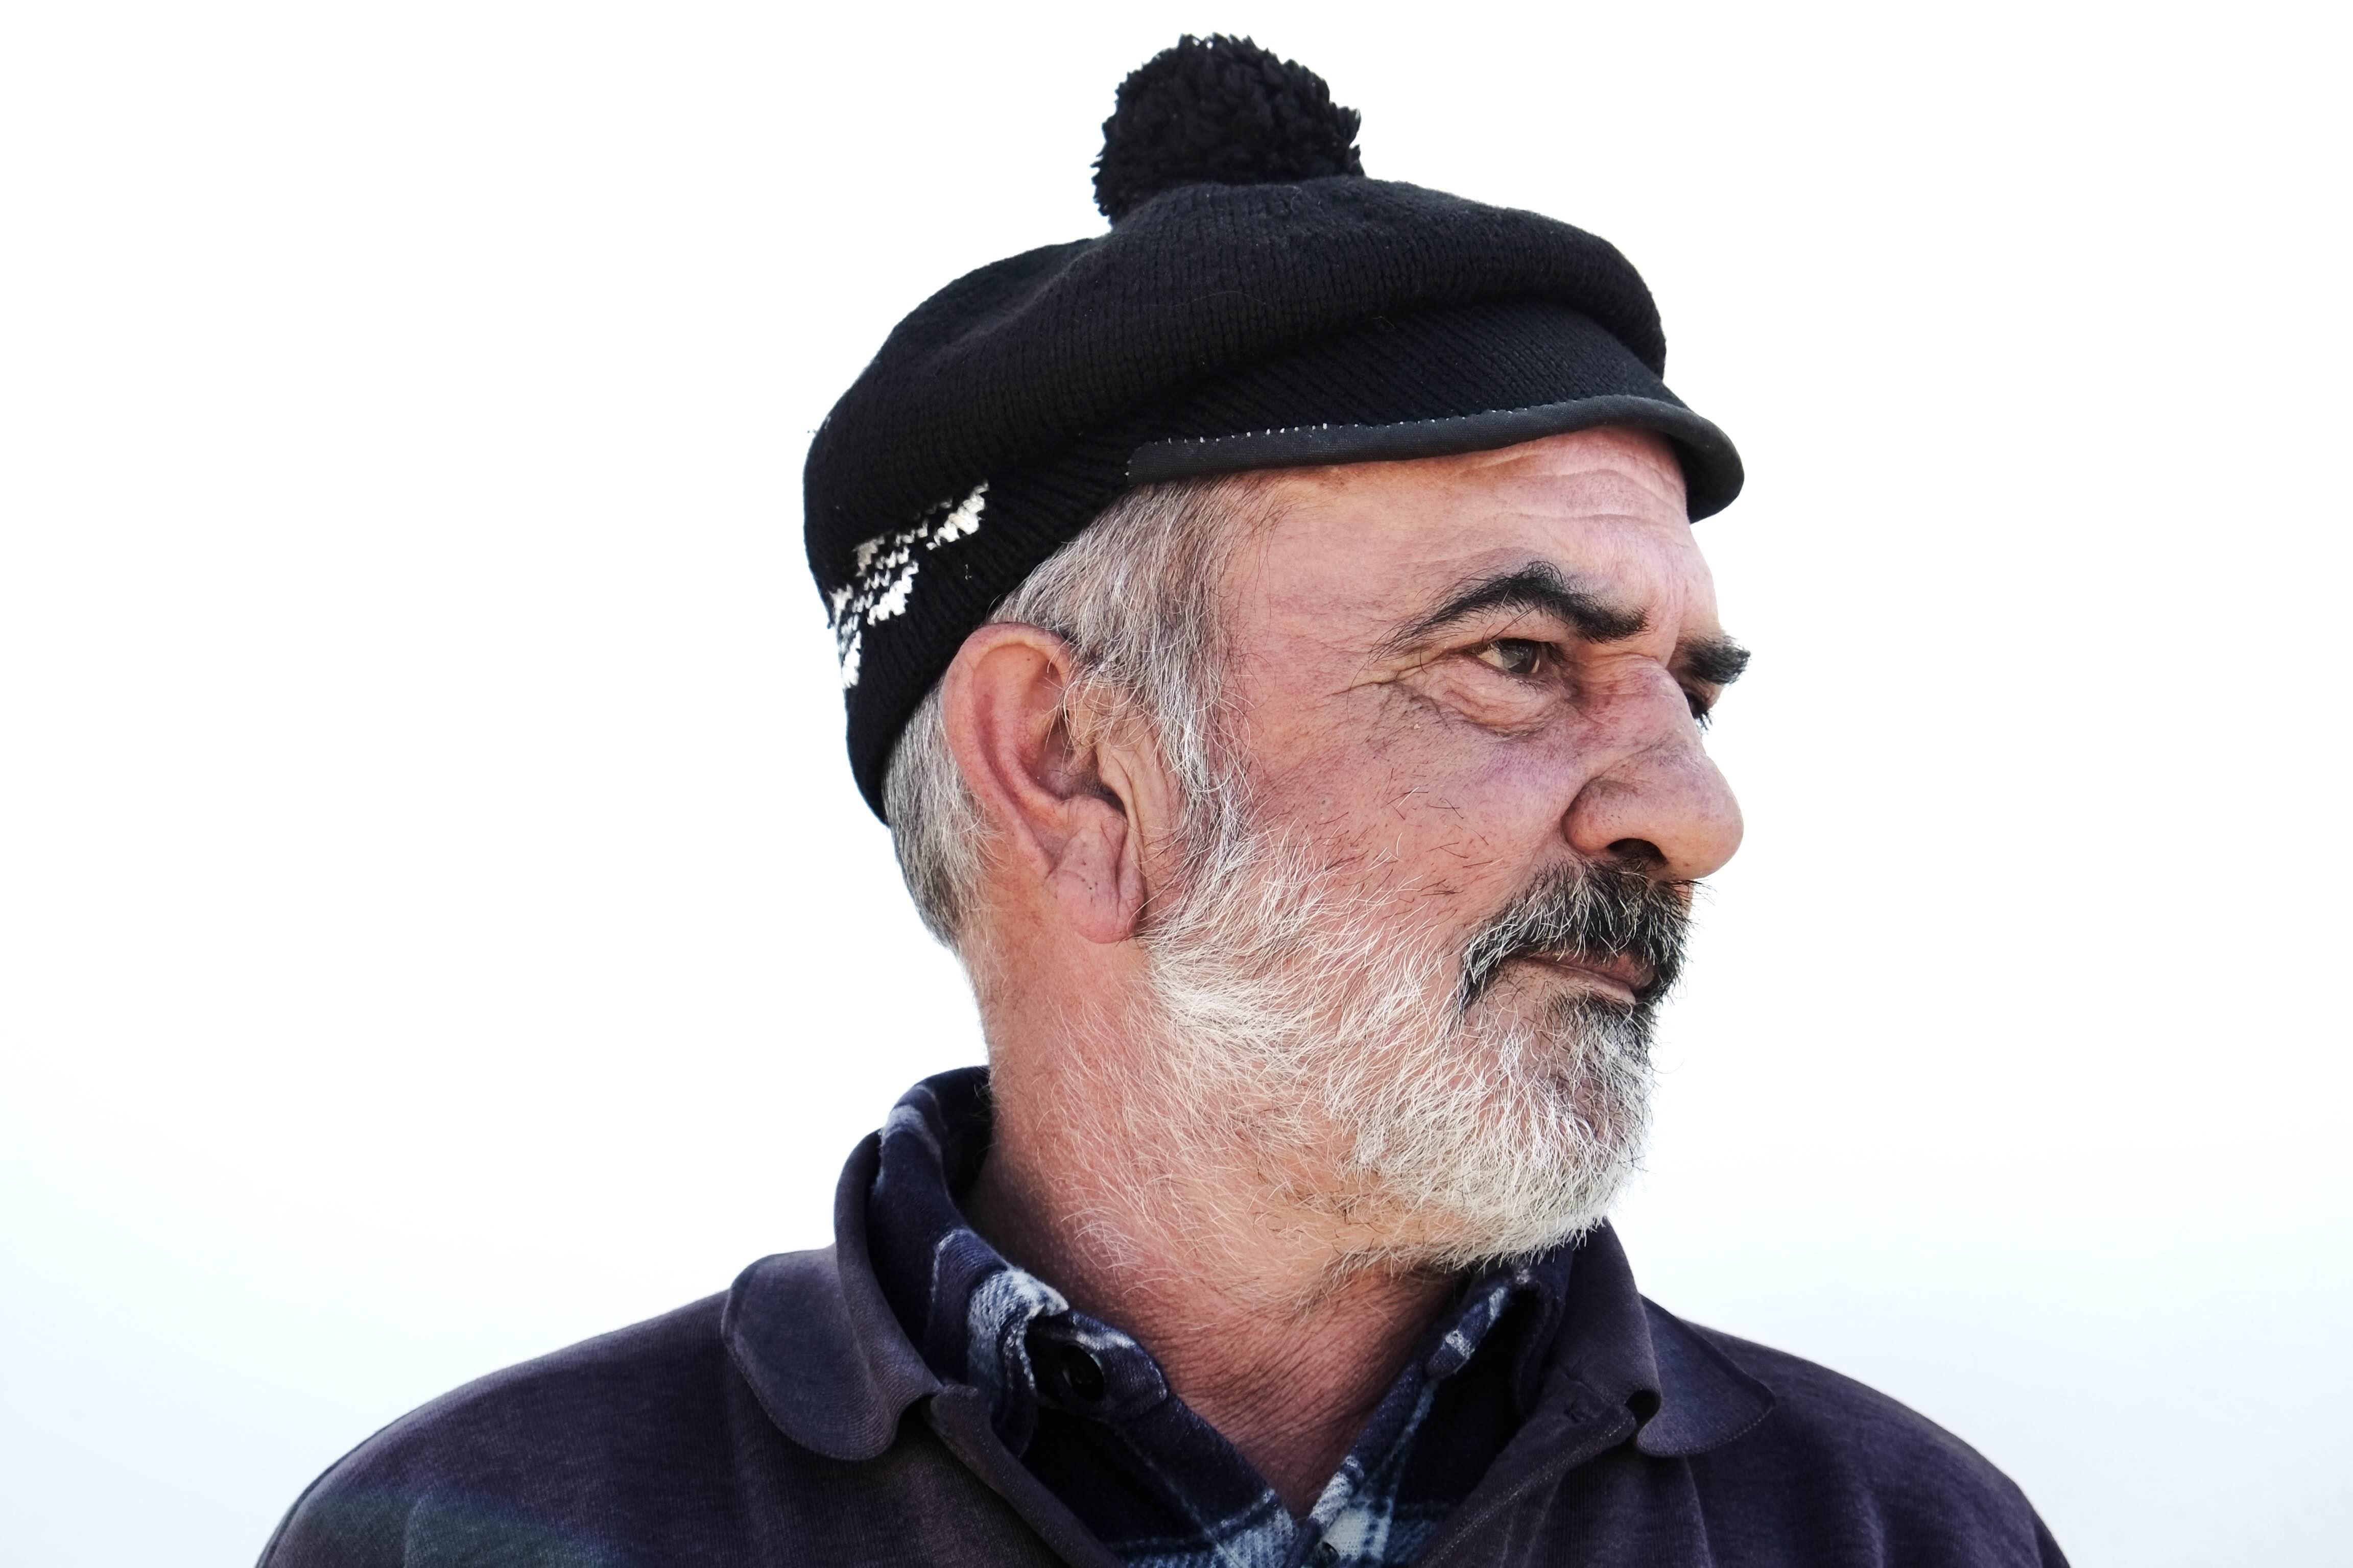 Barreta - Aqui usada pelo sr. Inácio, morador na ilha, pescador amador - @Enric Vives-Rubio